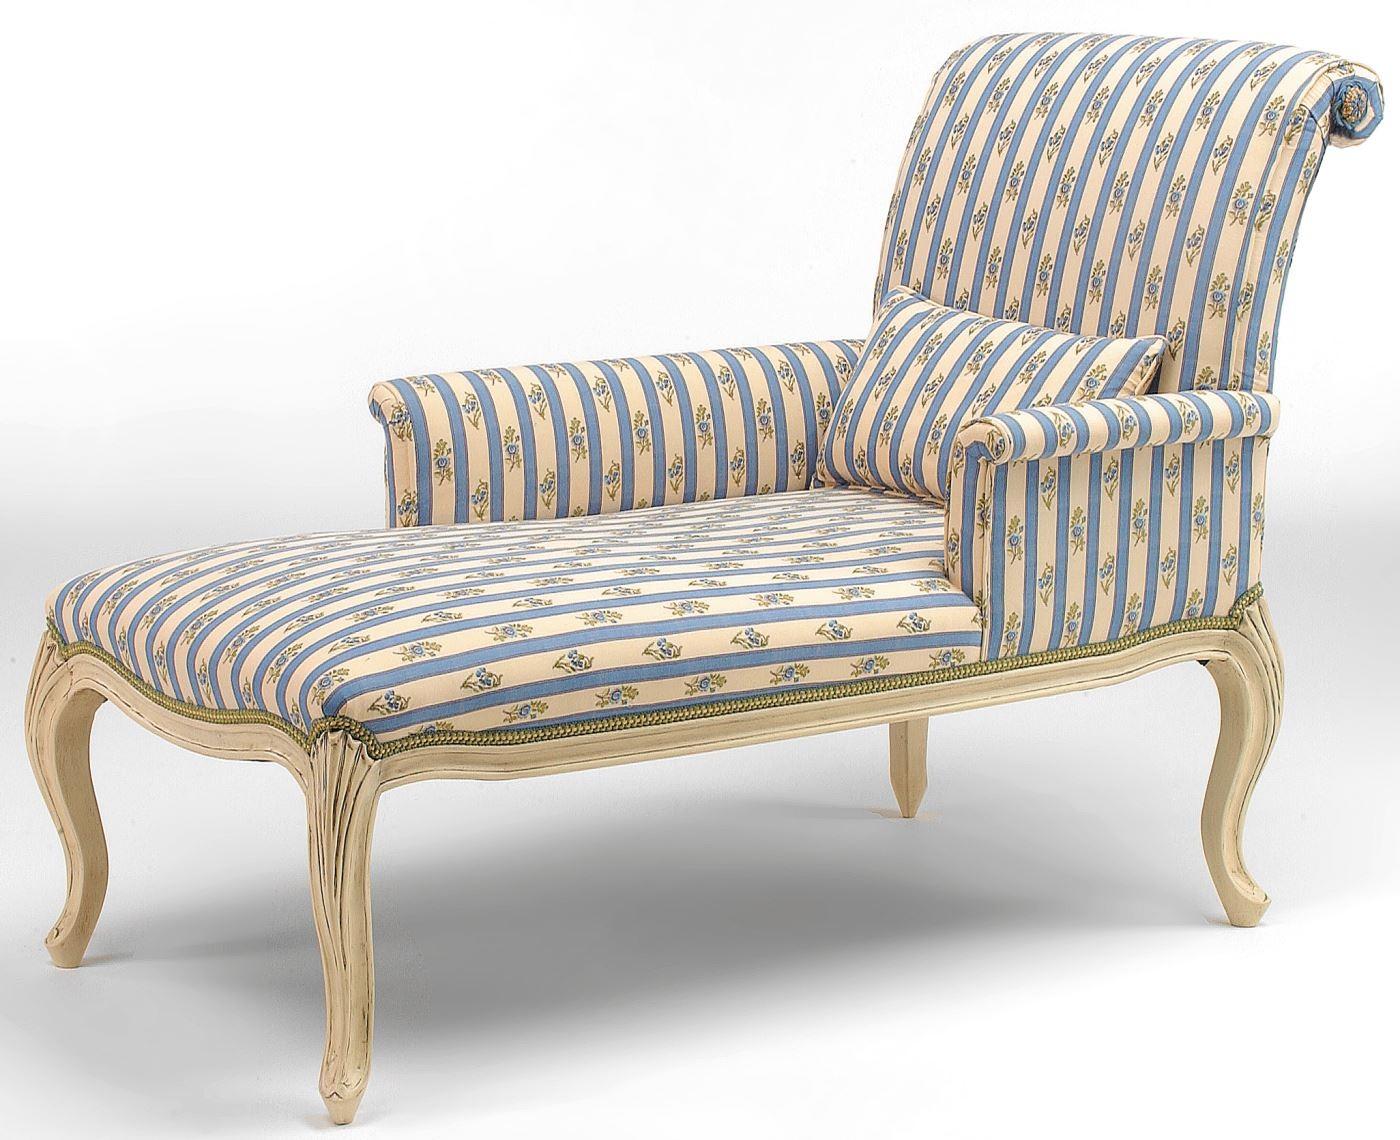 Tantallon chaise longue